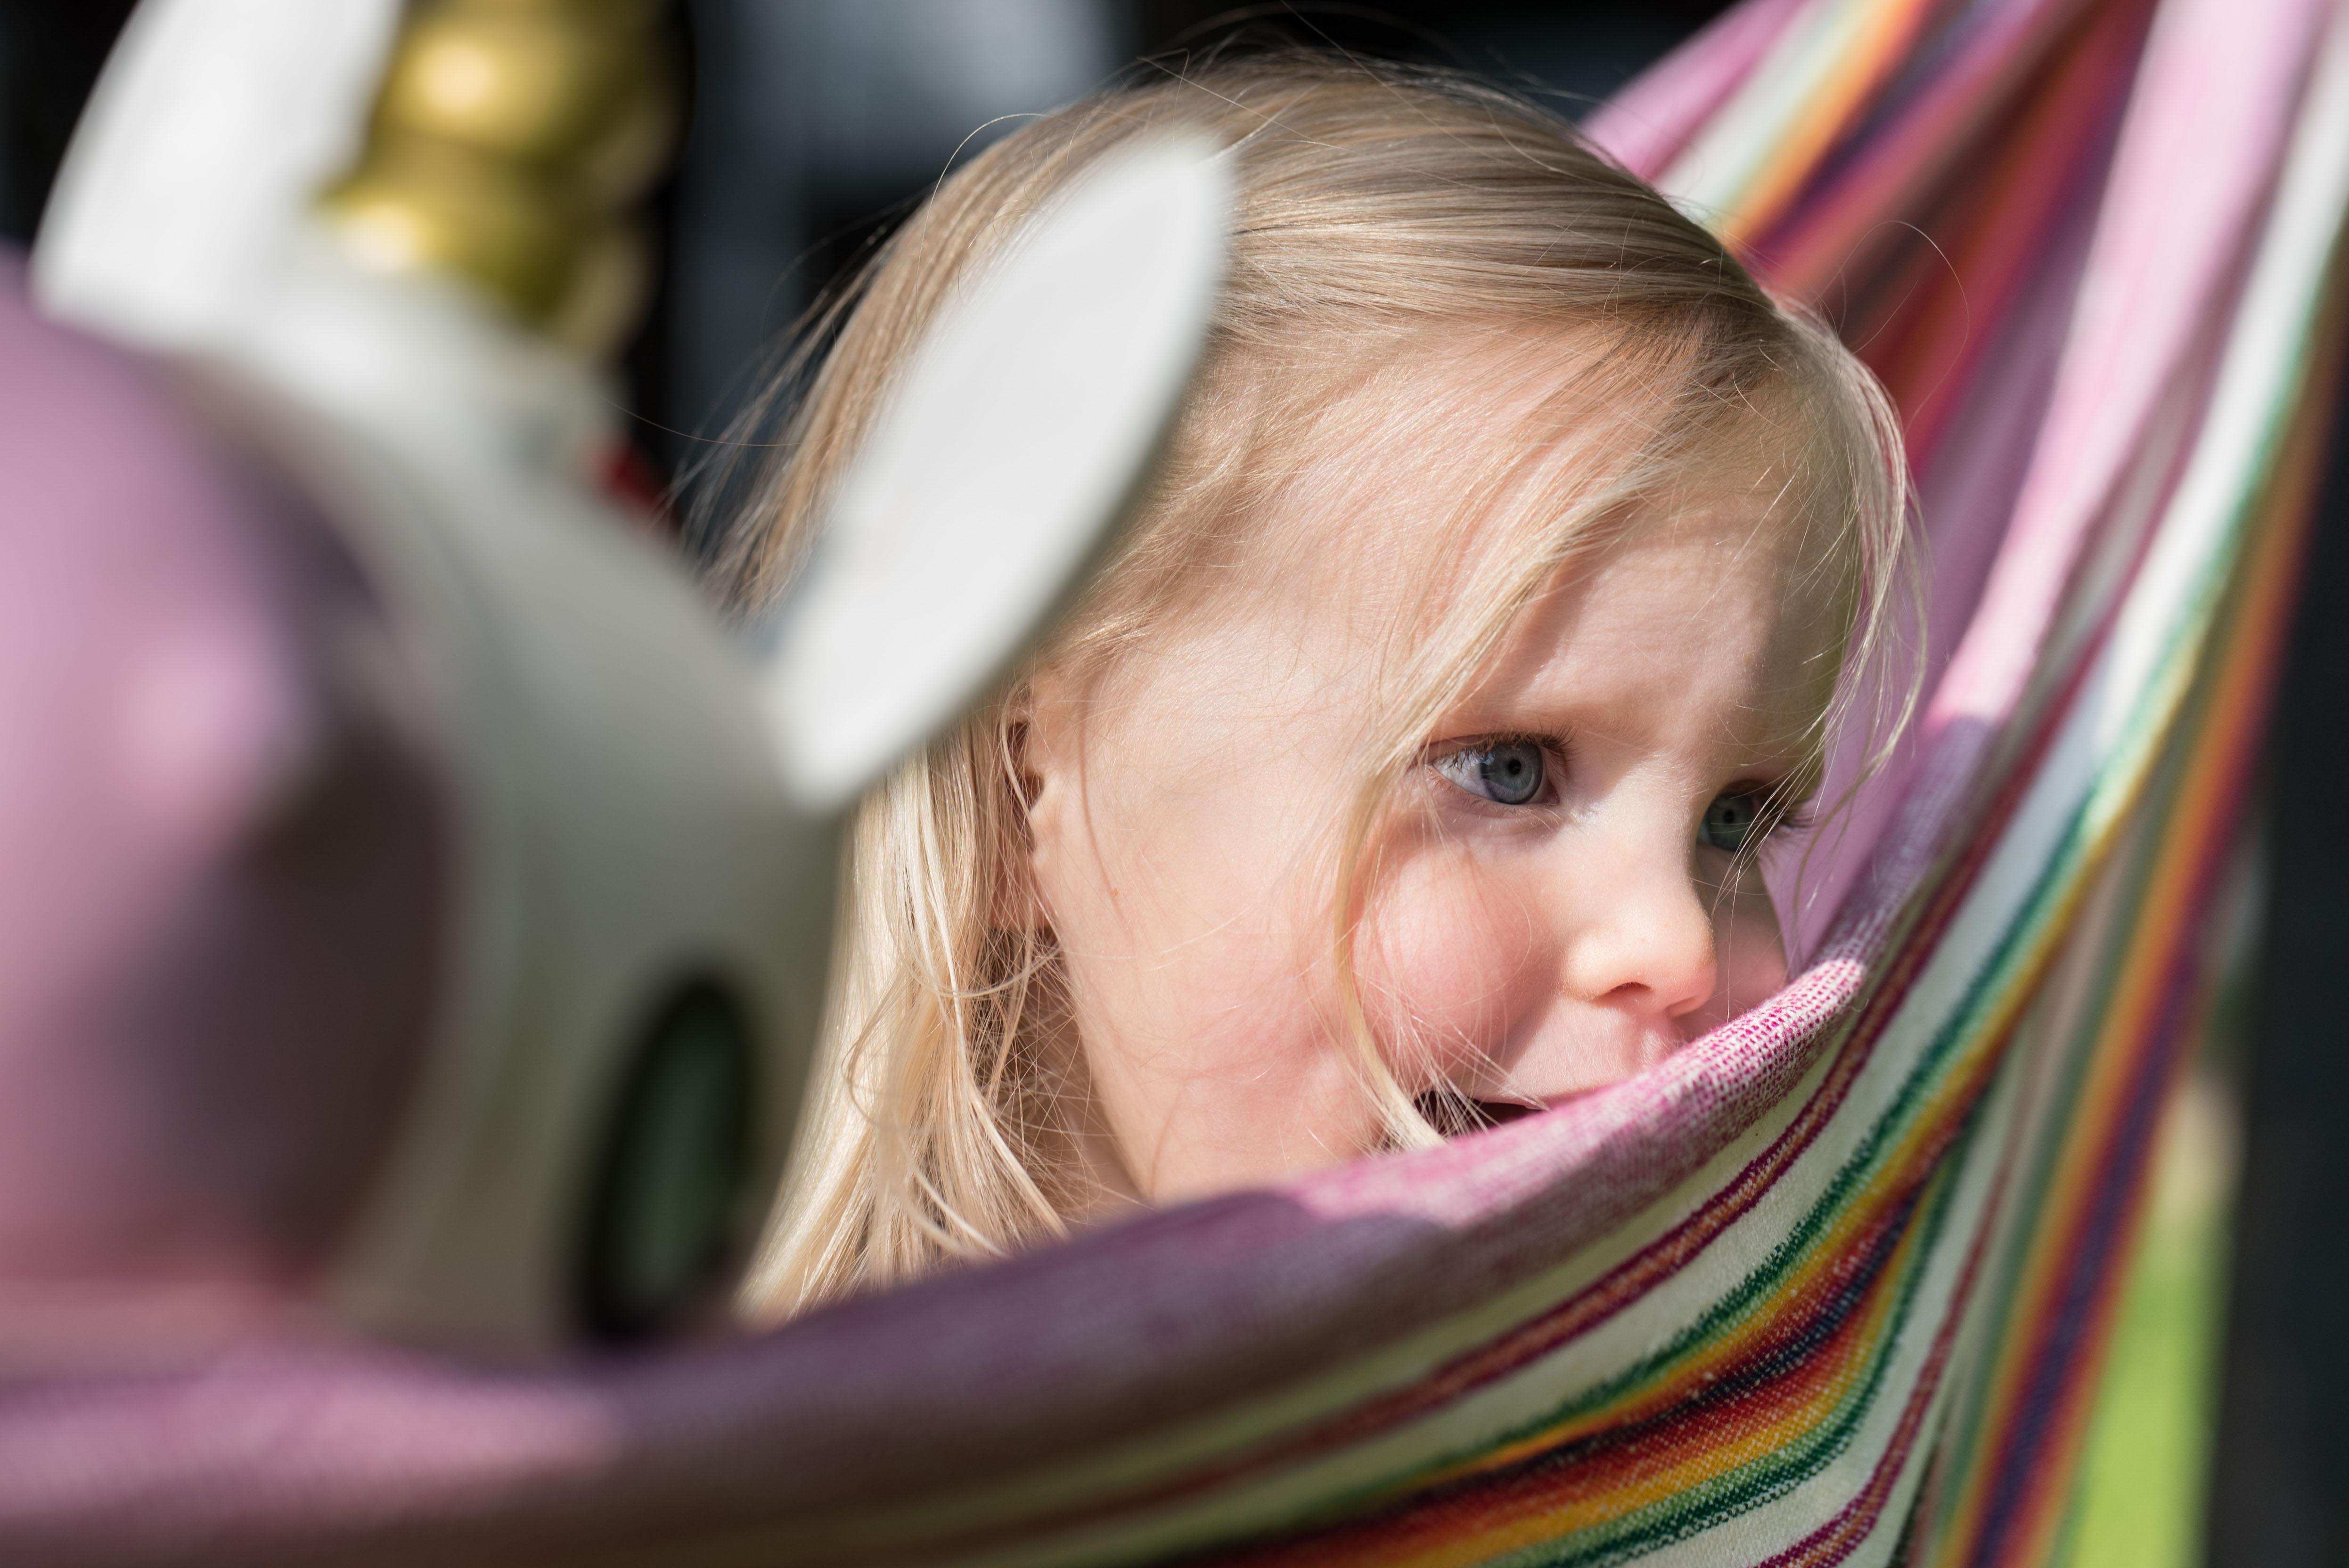 Meisje met dromerige blik in hangmat